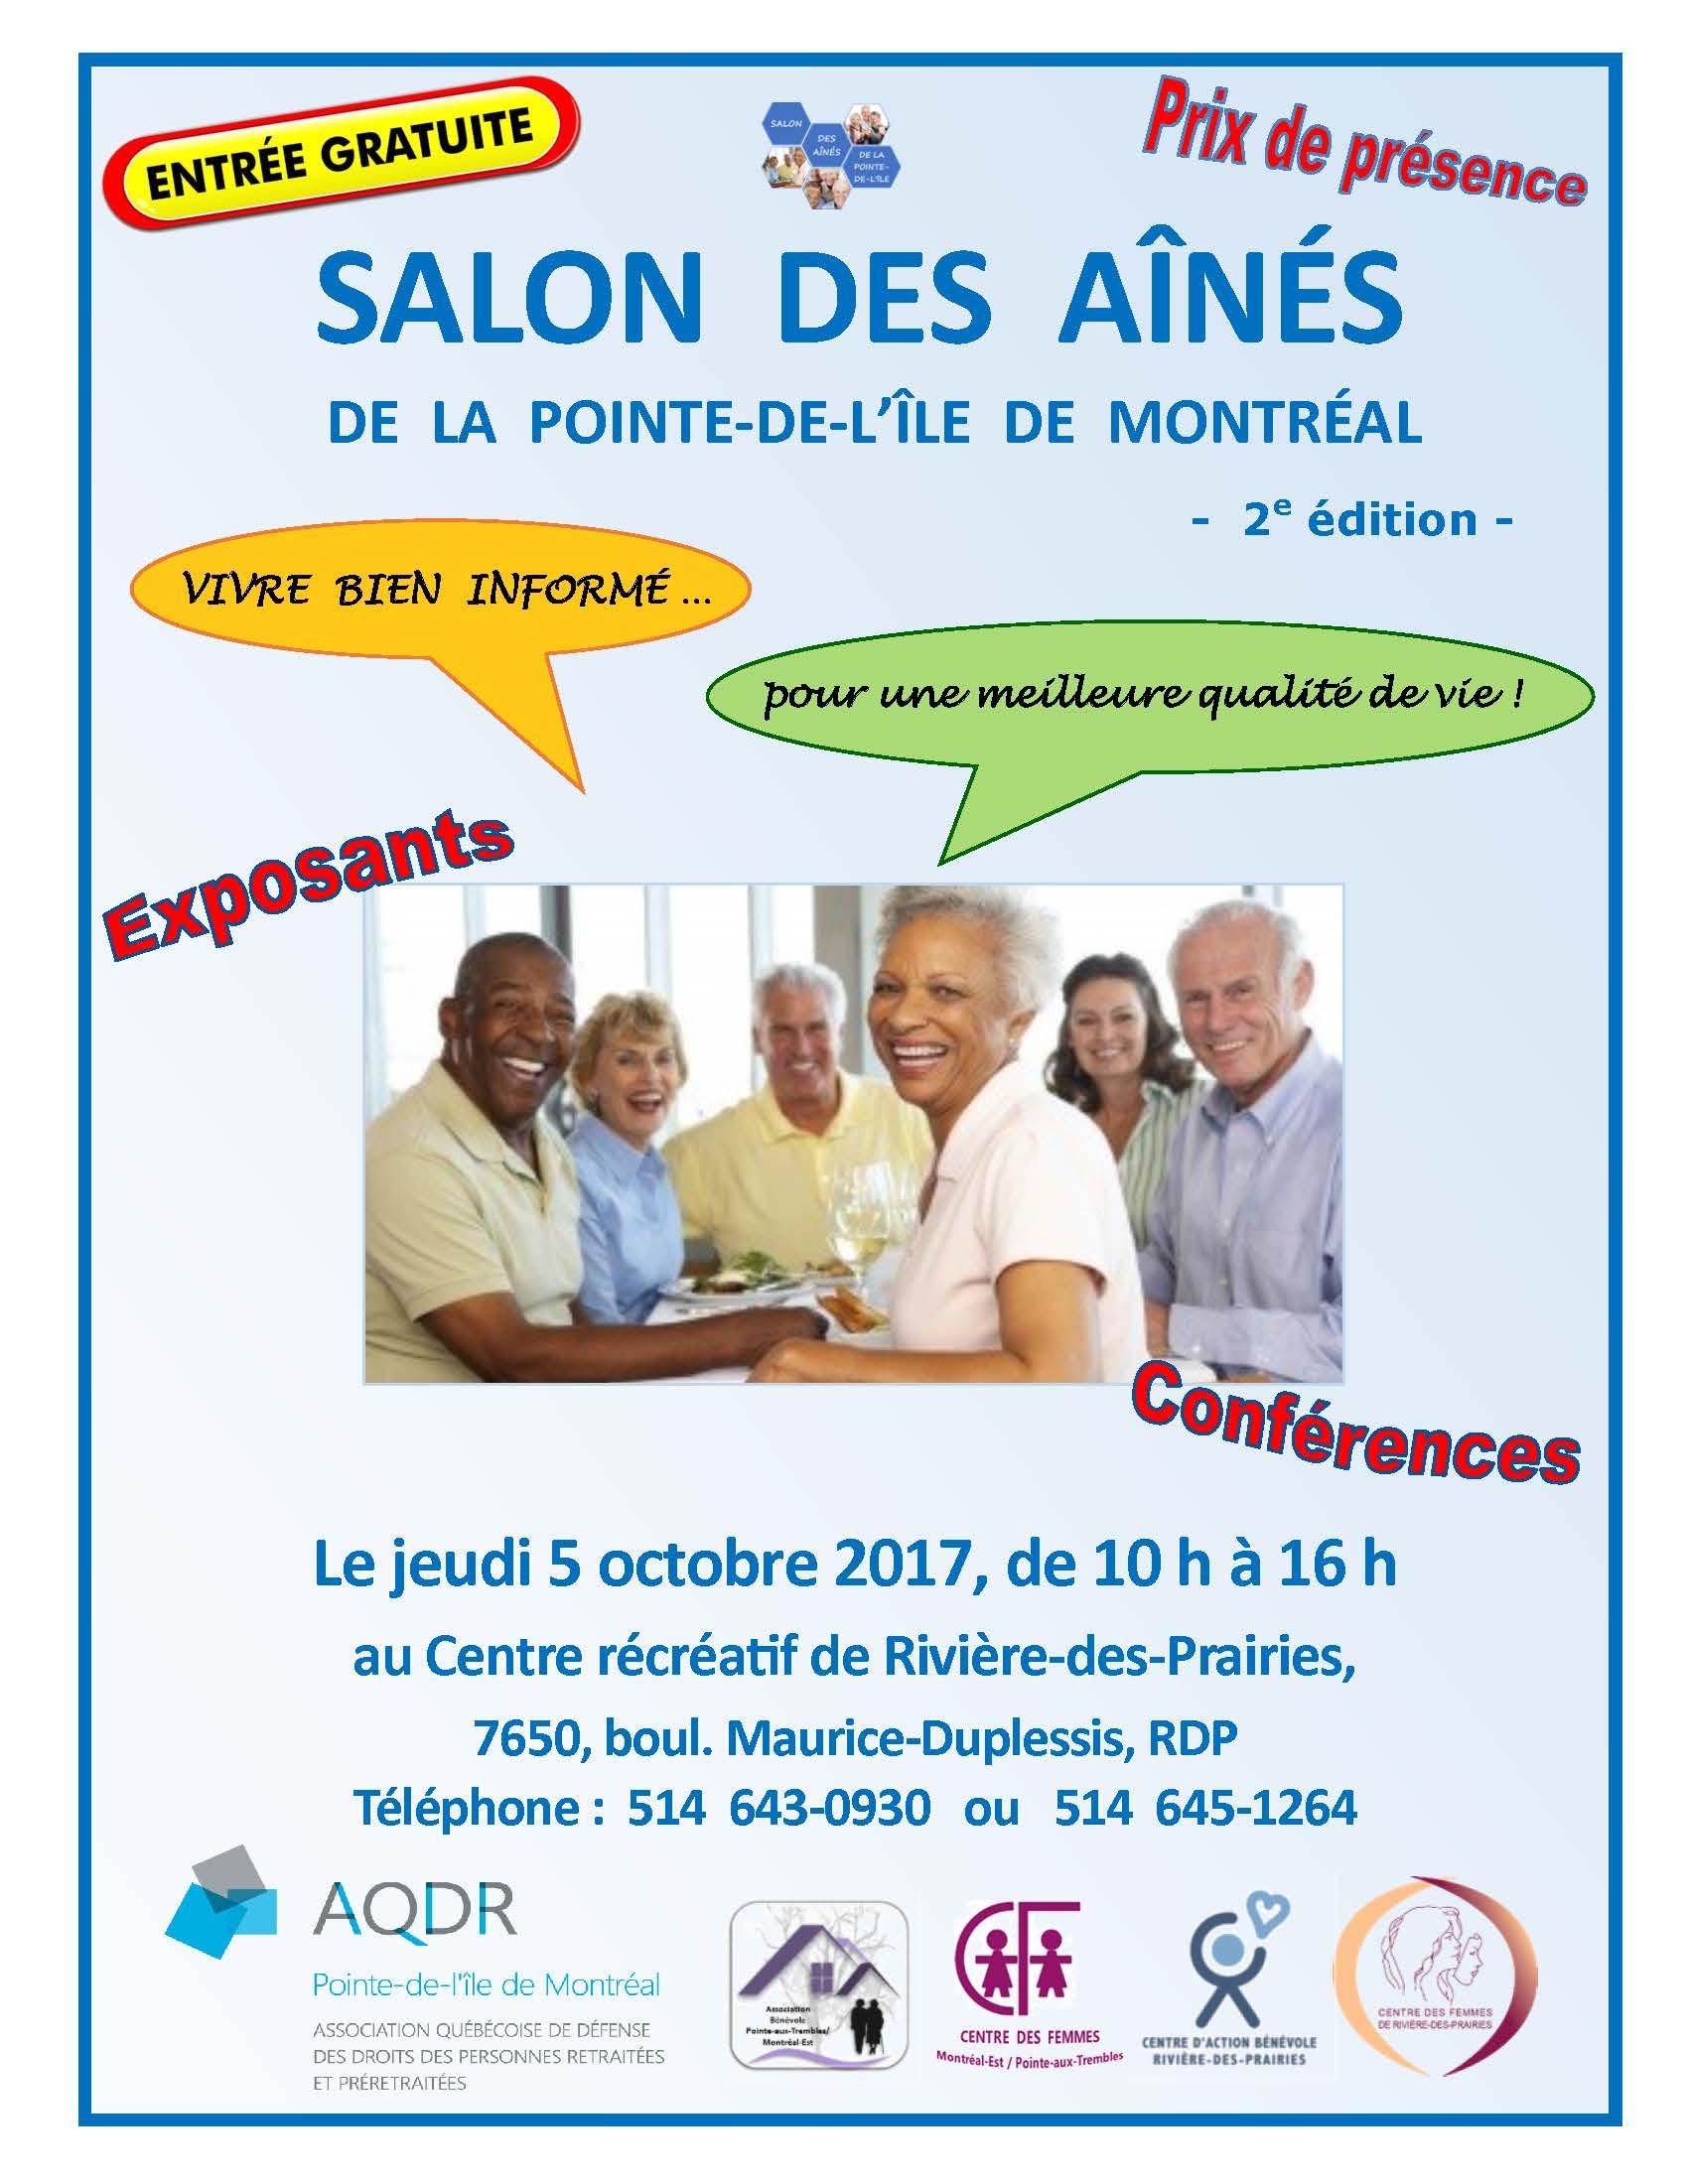 Affiche Poster du Salon des Aines 2017